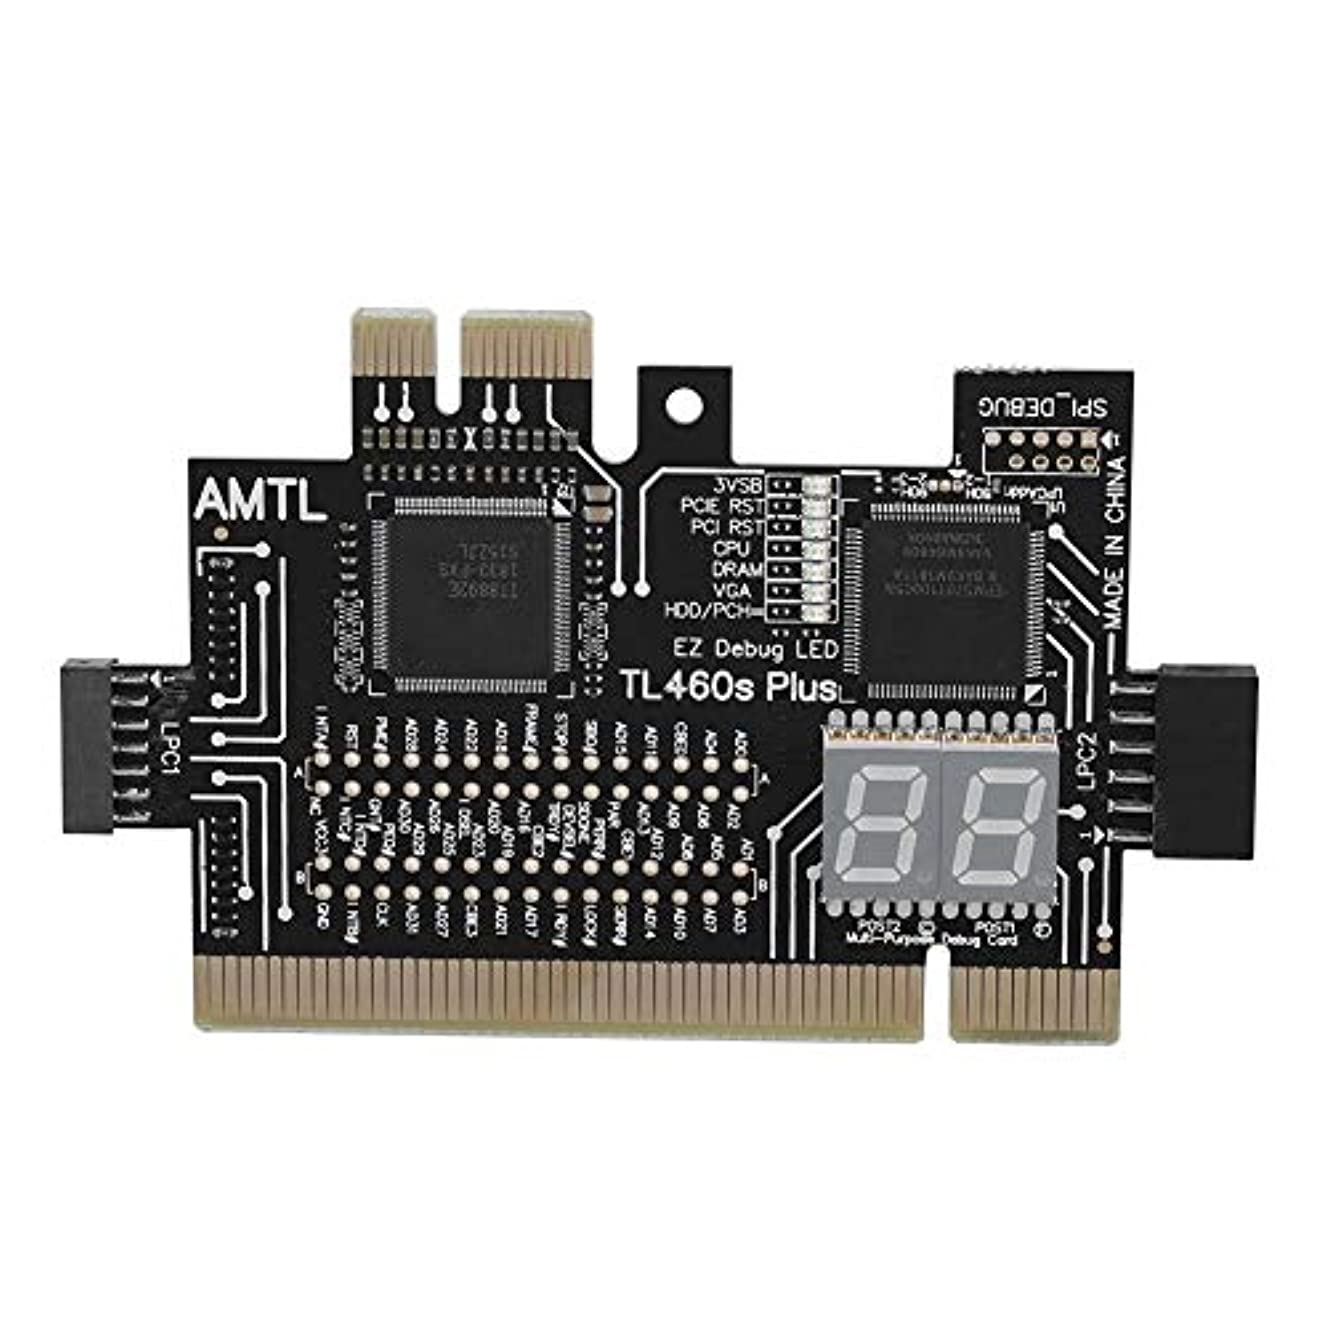 スマイル告発者組み合わせRicher-R PCマザーボード診断カード マザーボードPCI/PCIE/ミニPCIE/LPC PCアナライザ診断カード マザーボードテスター/チェッカー PCIテストカード PCI診断カード ノートPC/ラップトップ/デスクトップ用